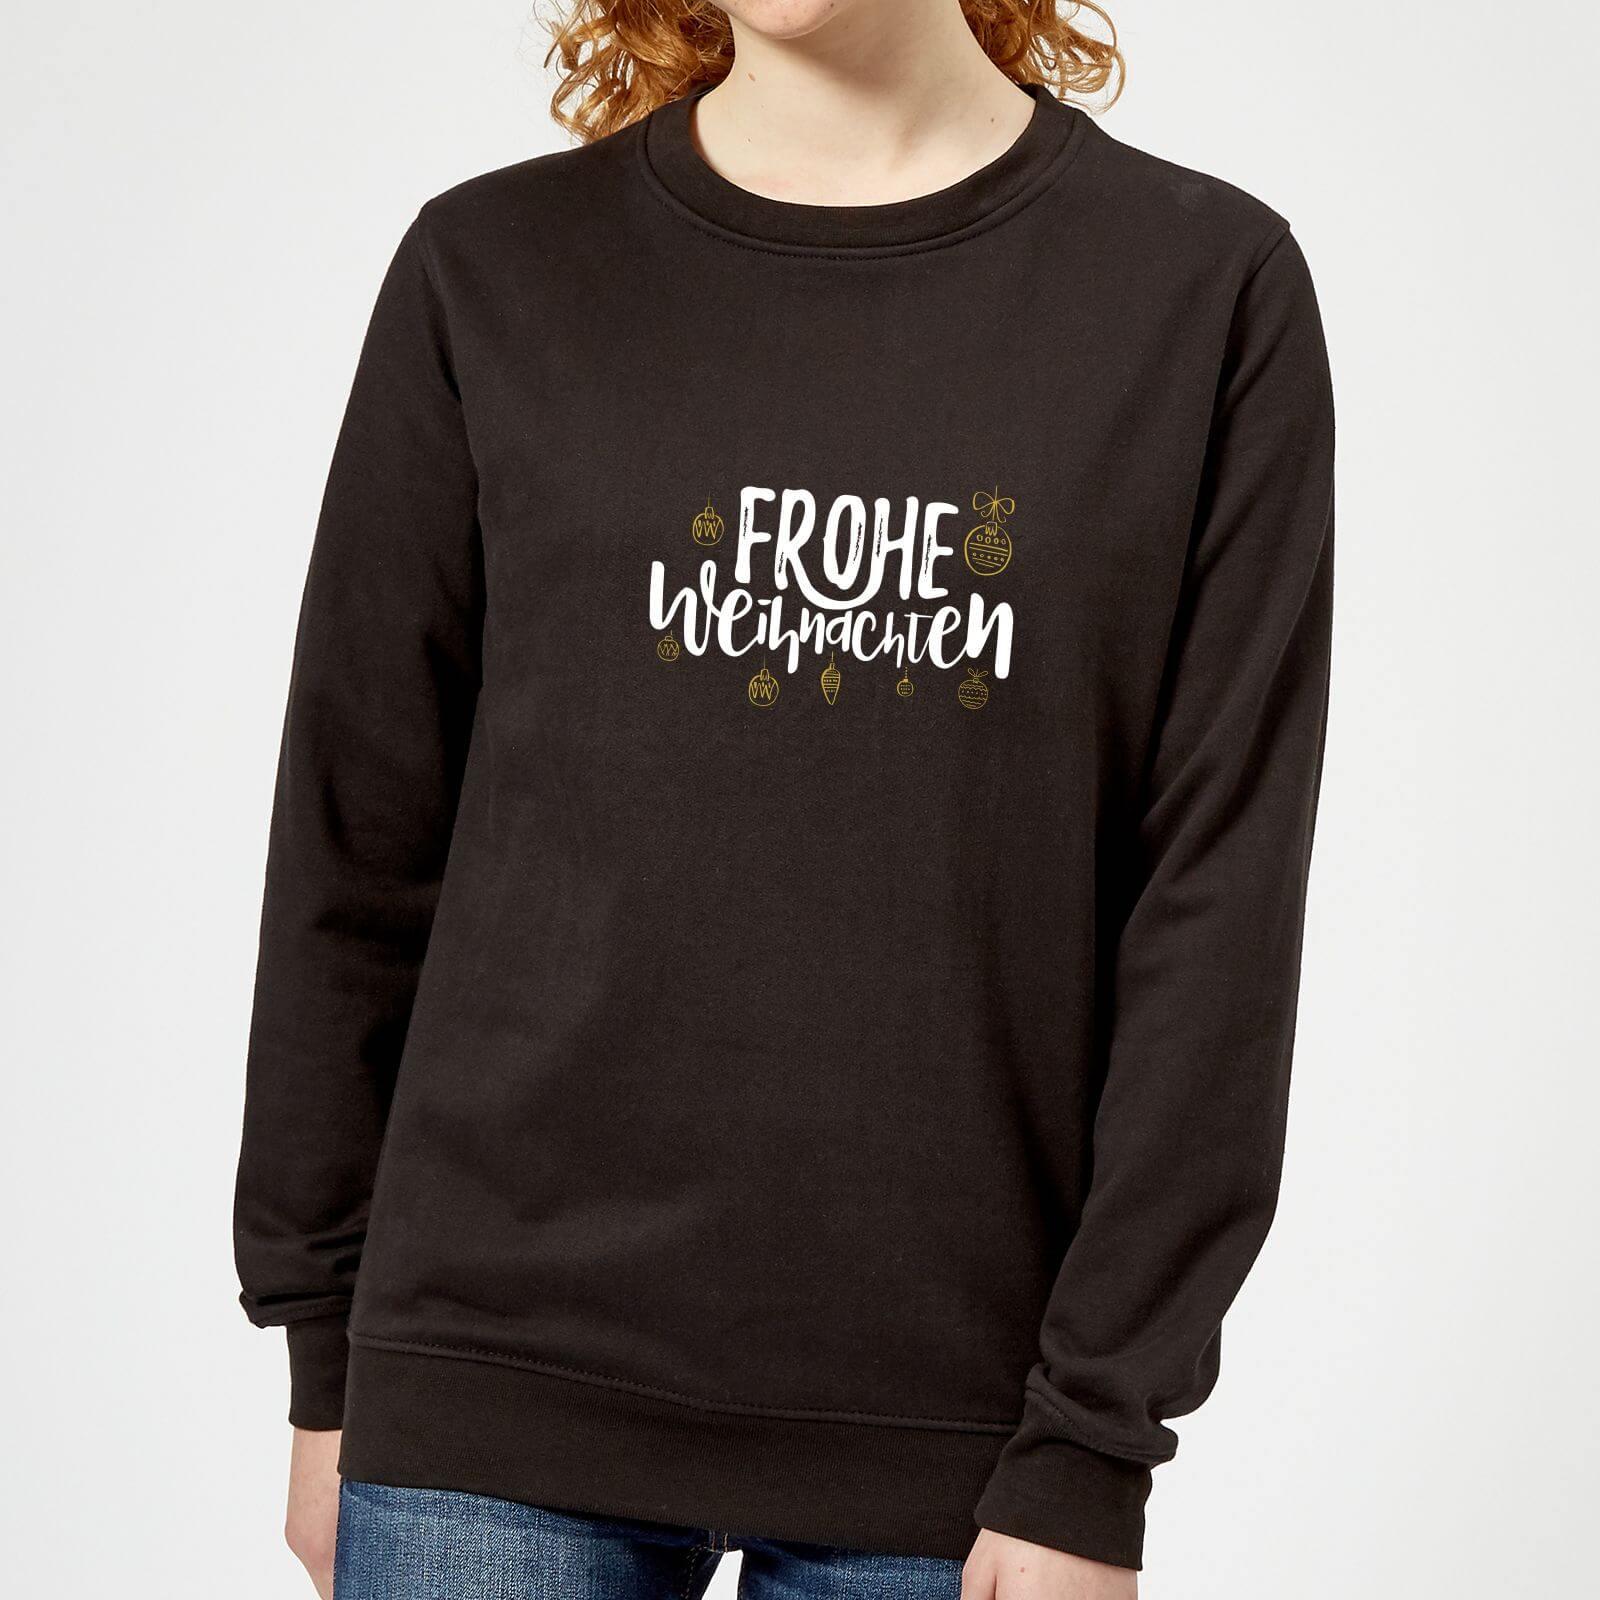 T Shirt Weihnachten.Frohe Weihnachten Women S Sweatshirt Black